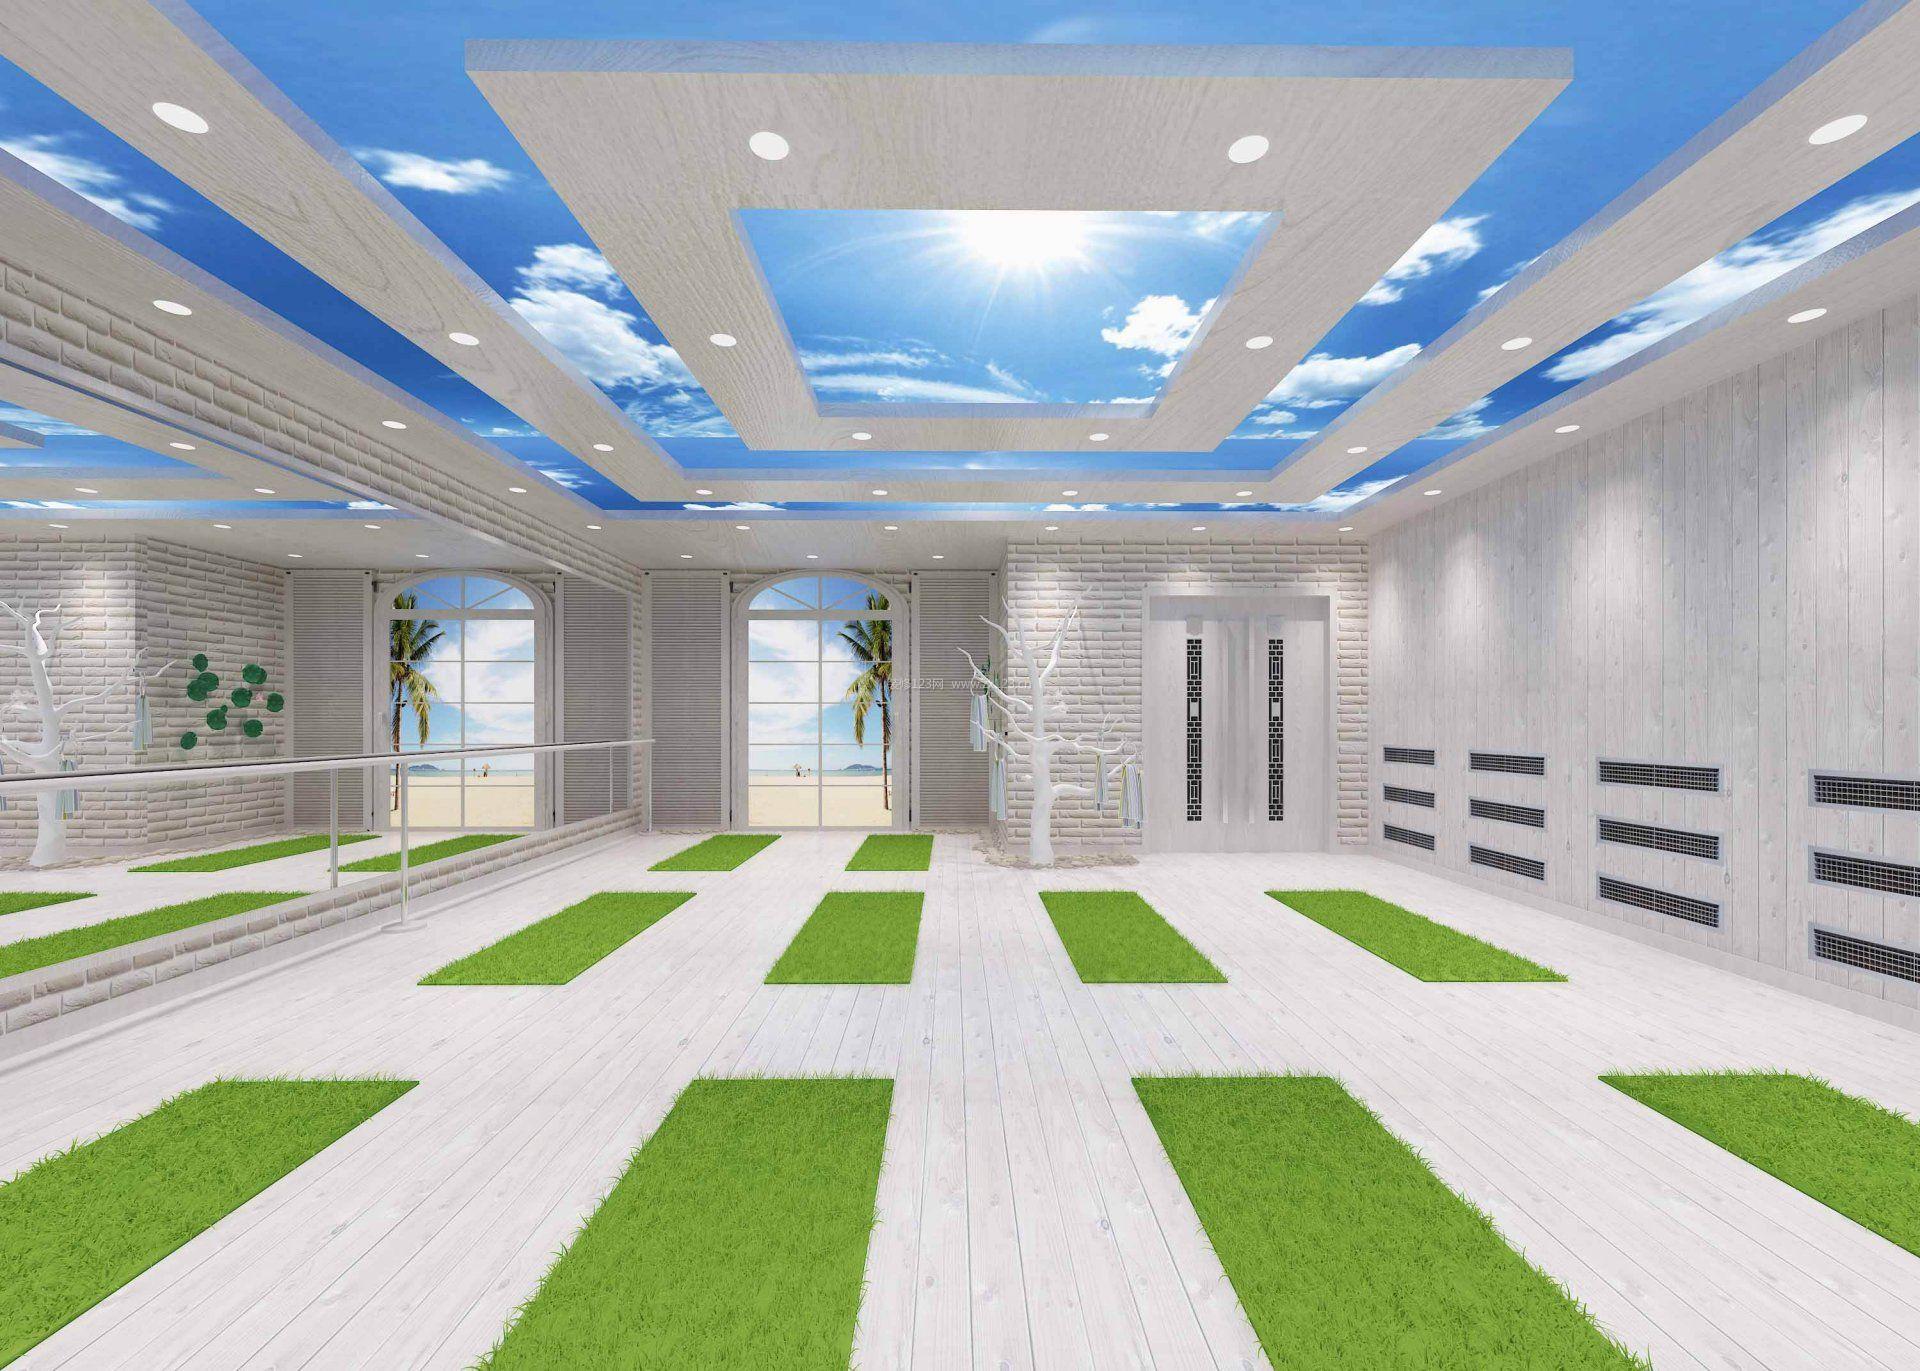 瑜伽馆室内吊顶设计装修效果图图片